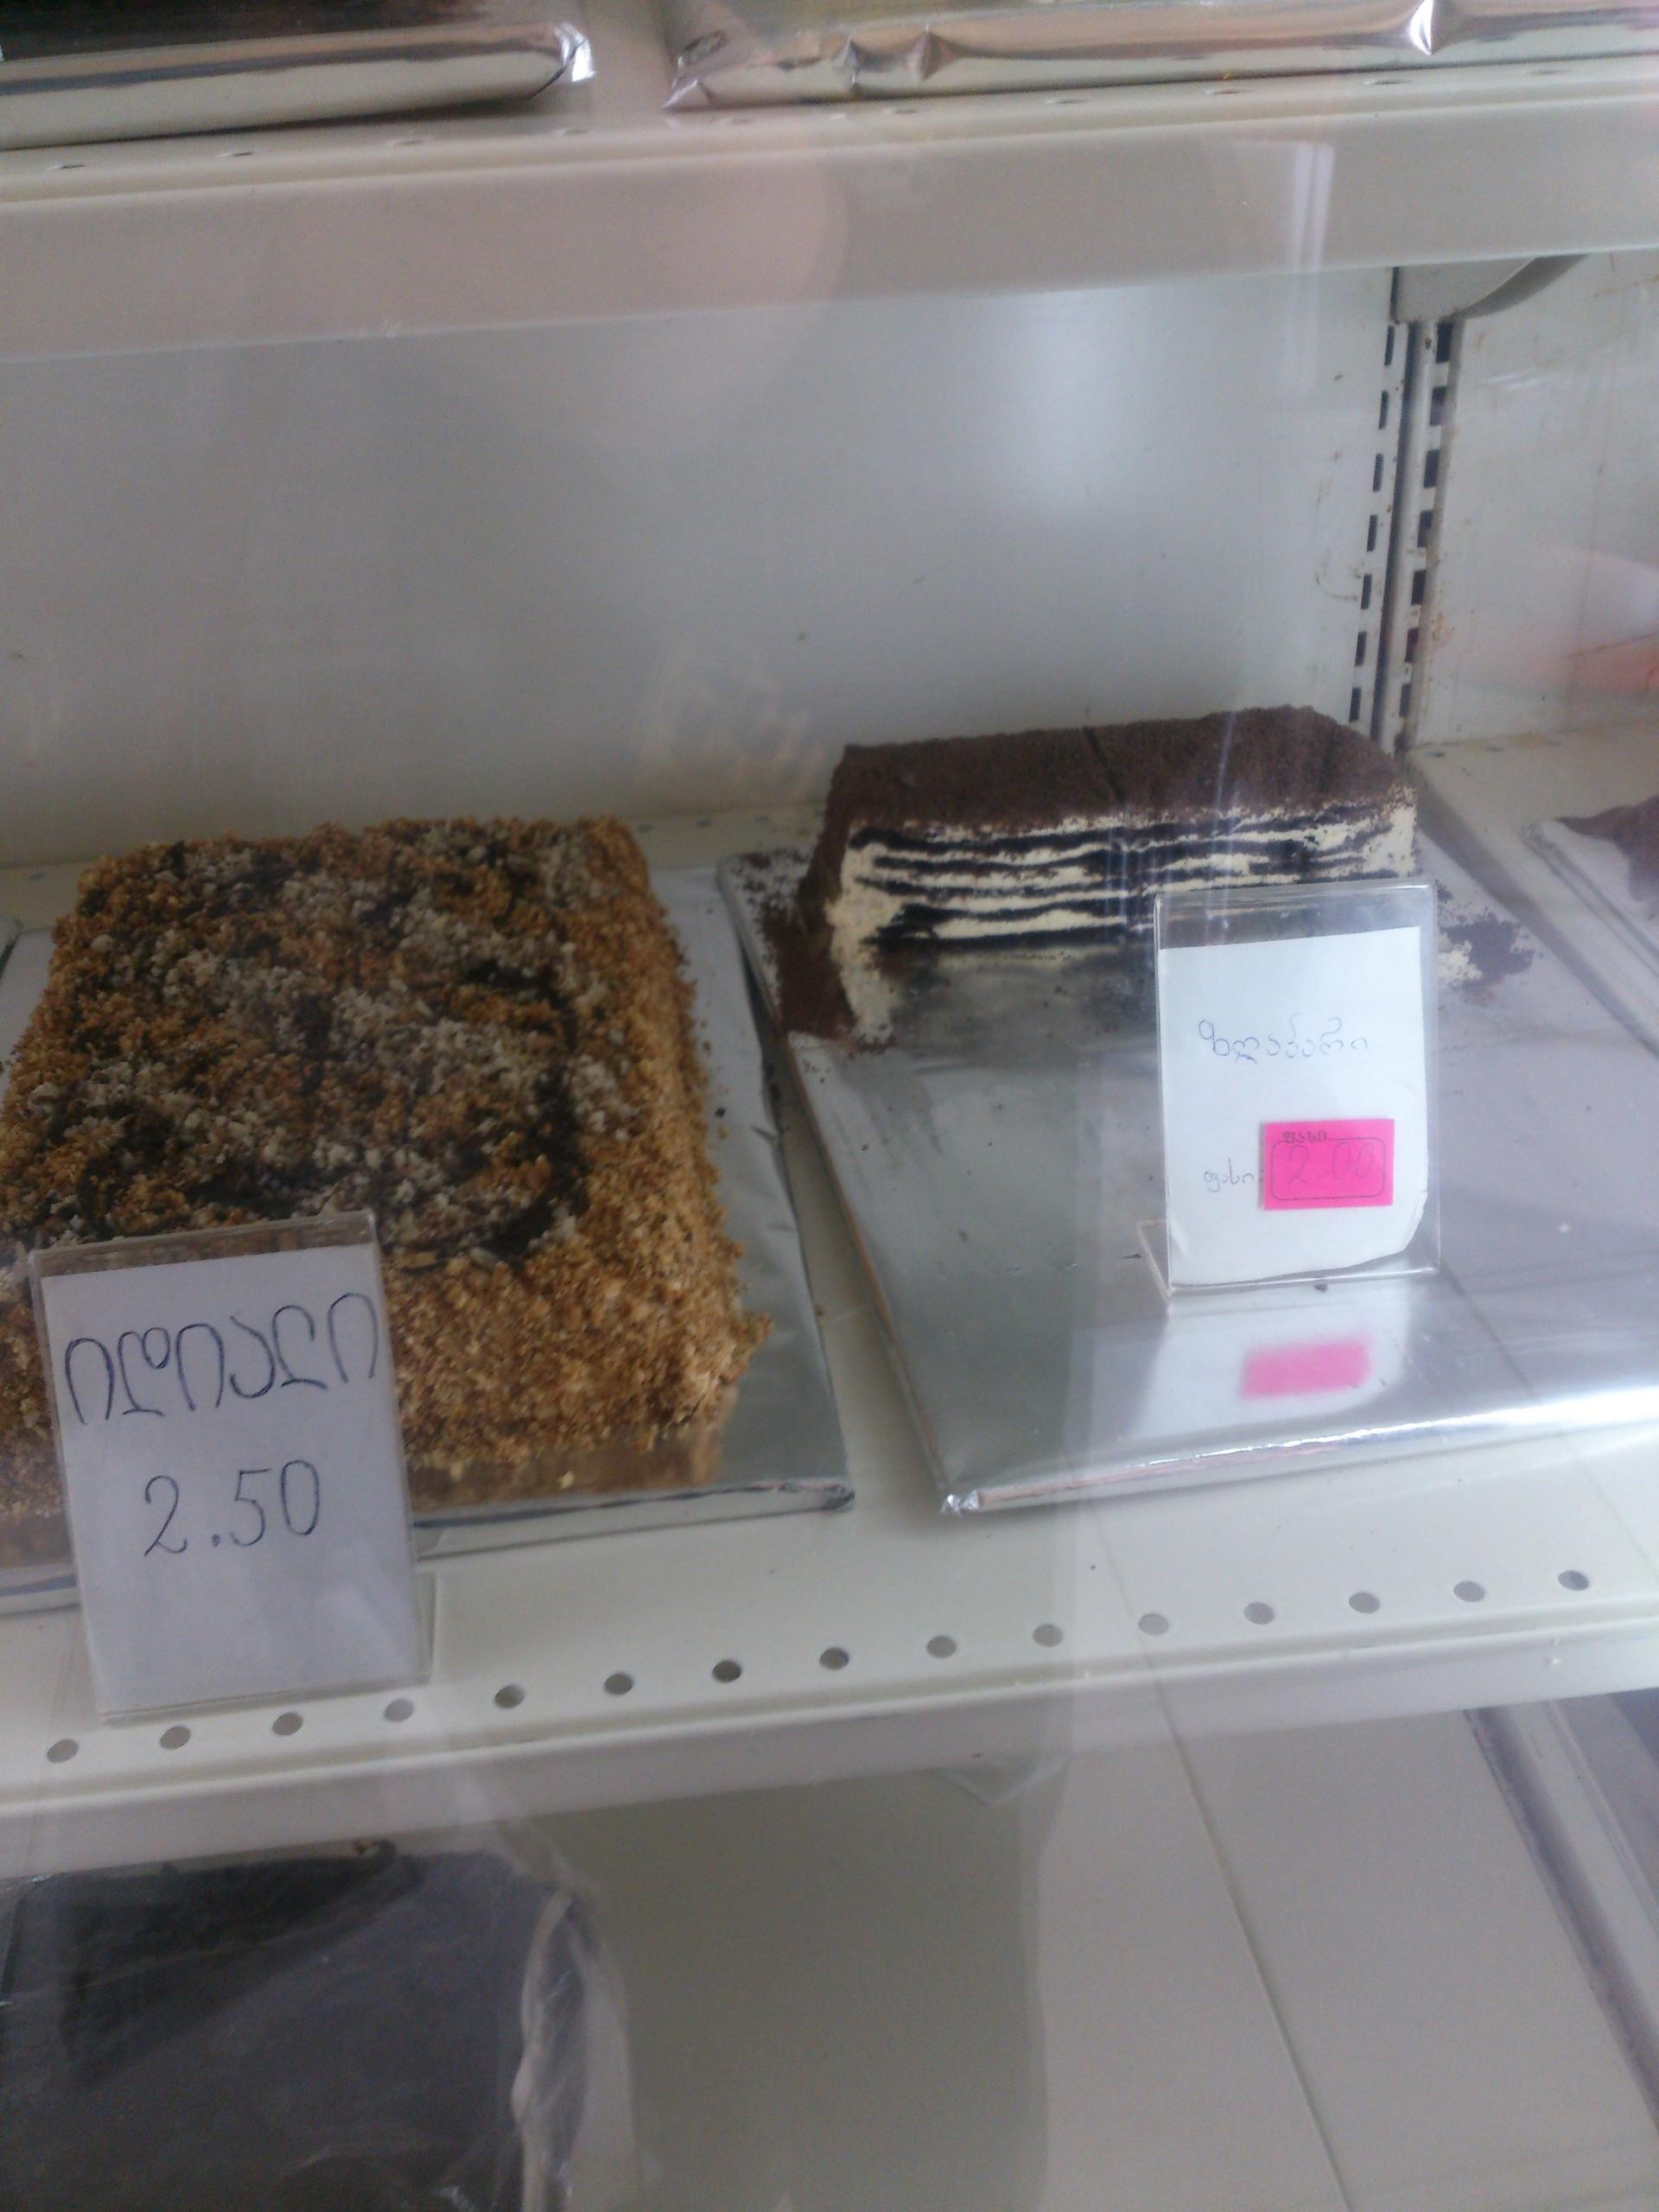 Dona bakery